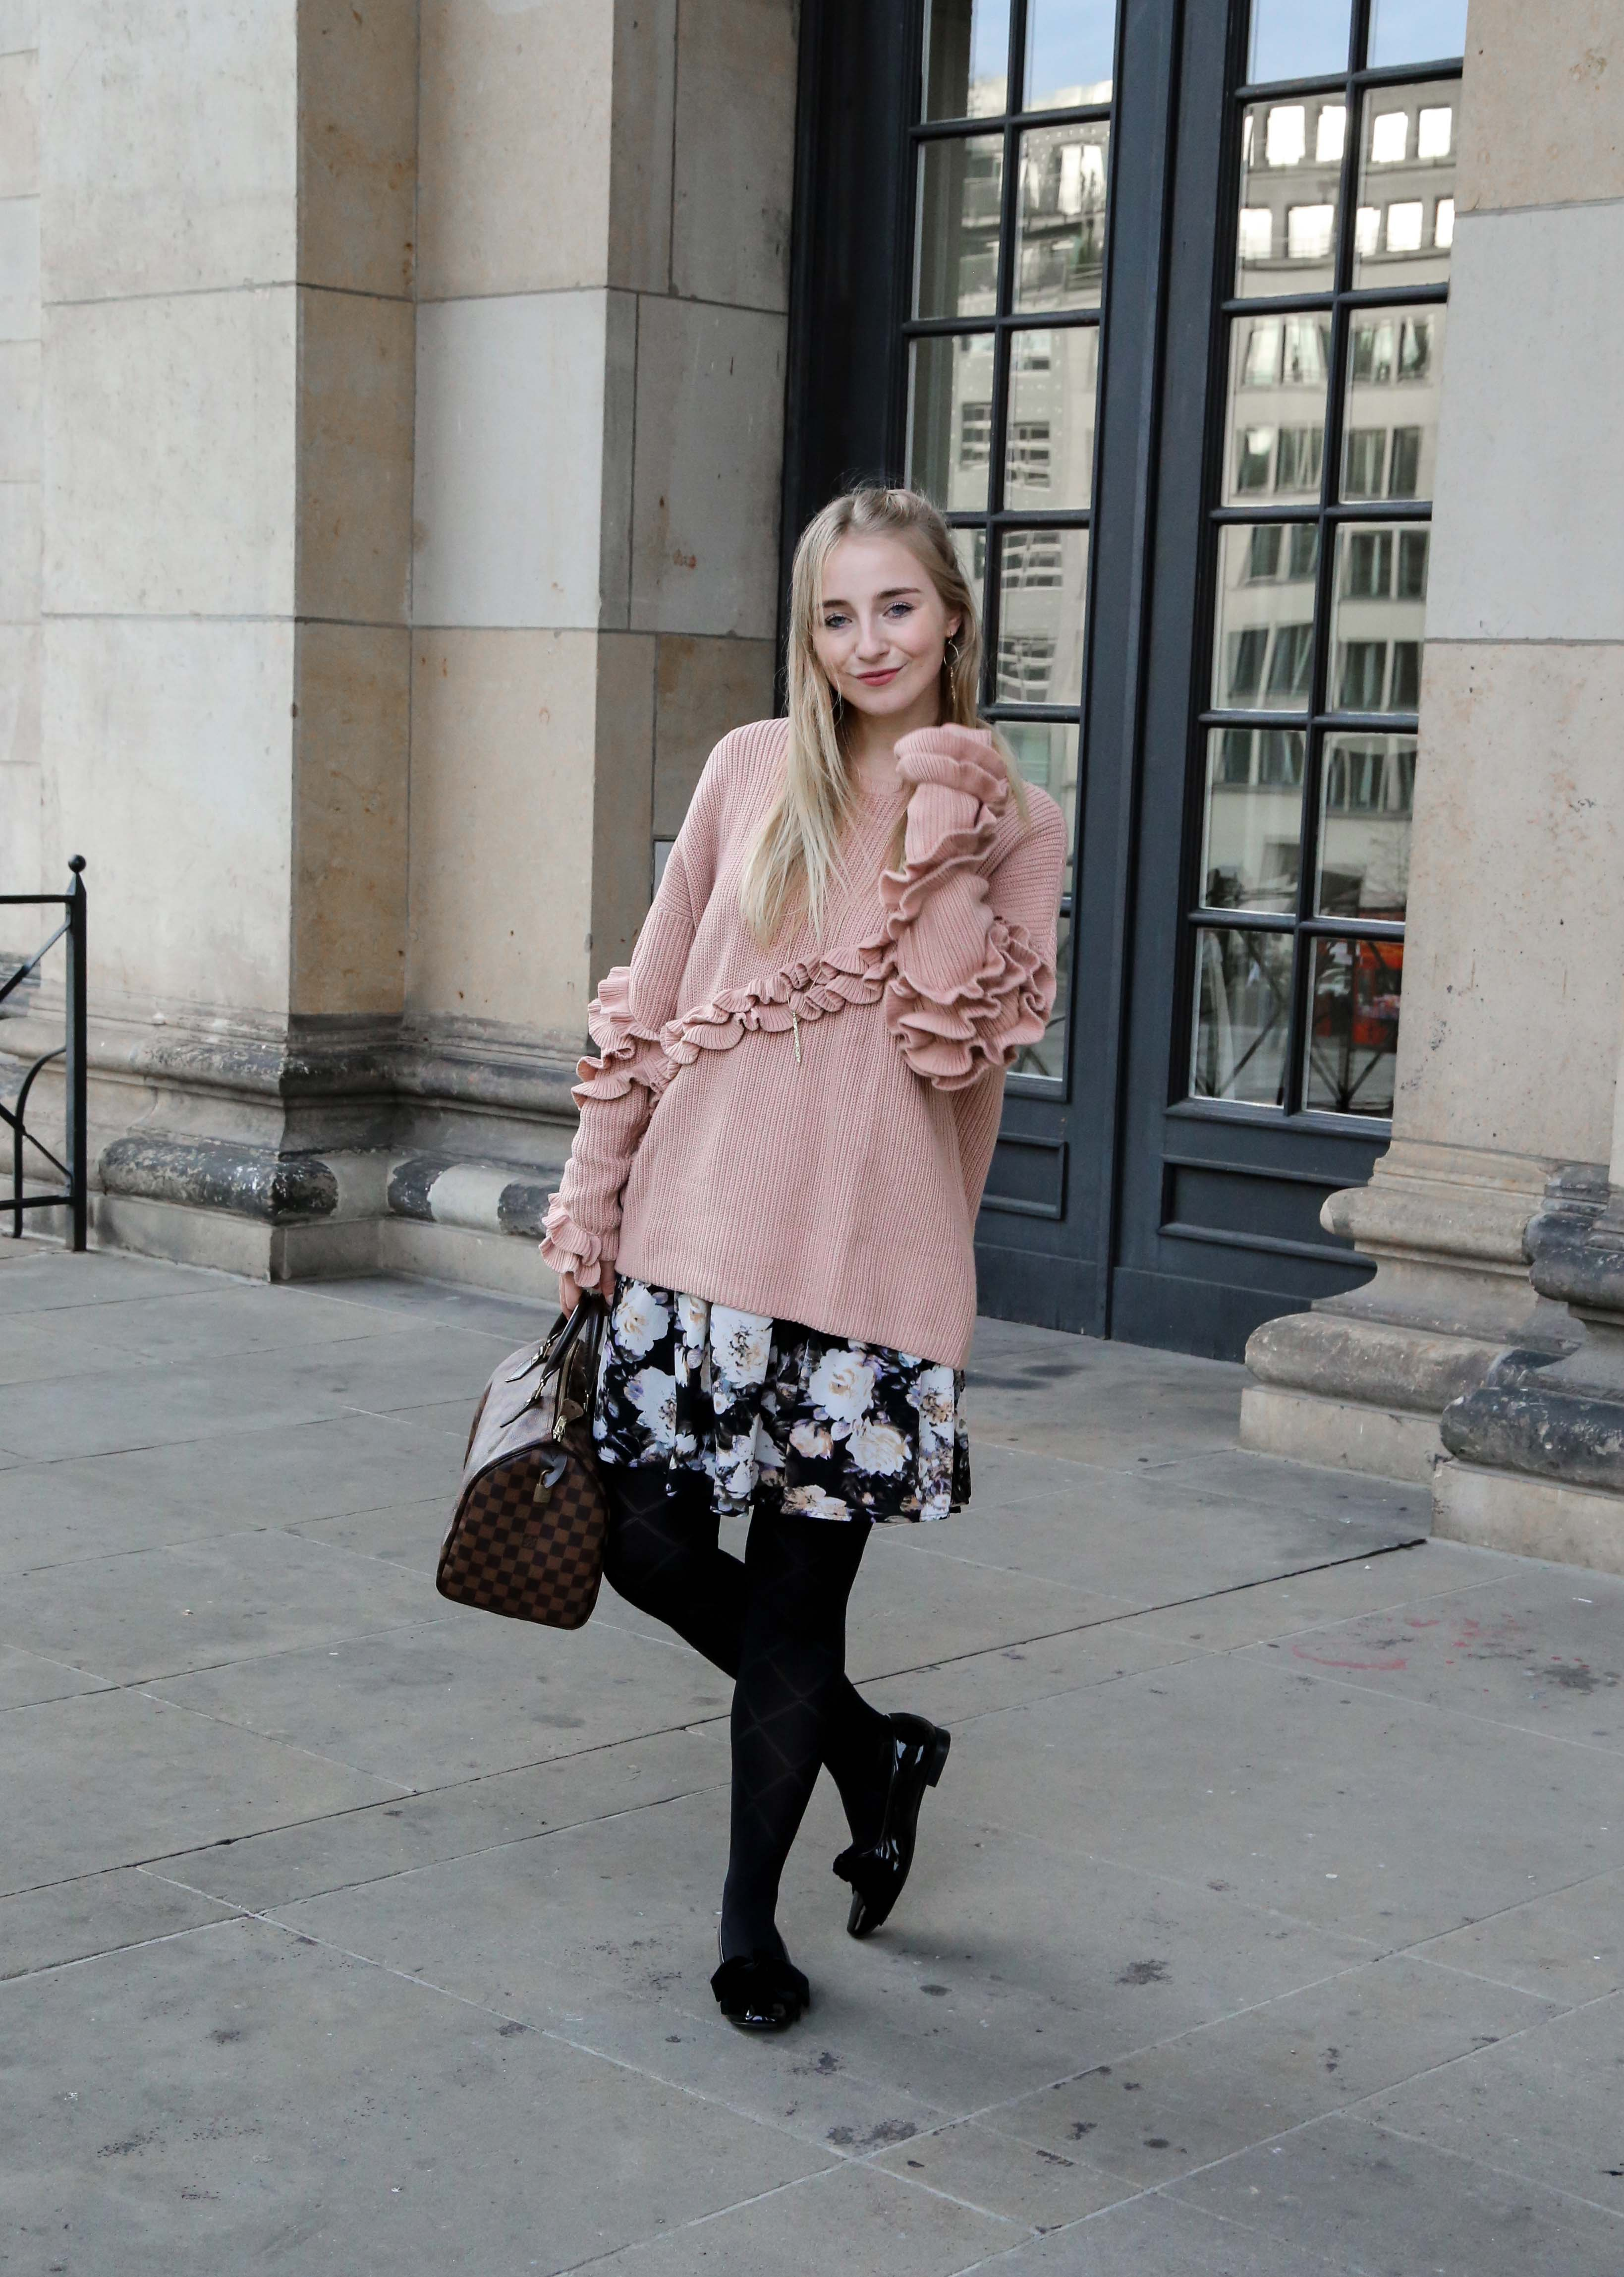 rosa-rüschen-pullover-blumenkleid-schleifen-lack-ballerina-berlin-fashionblog-modeblog-blogger-berlin